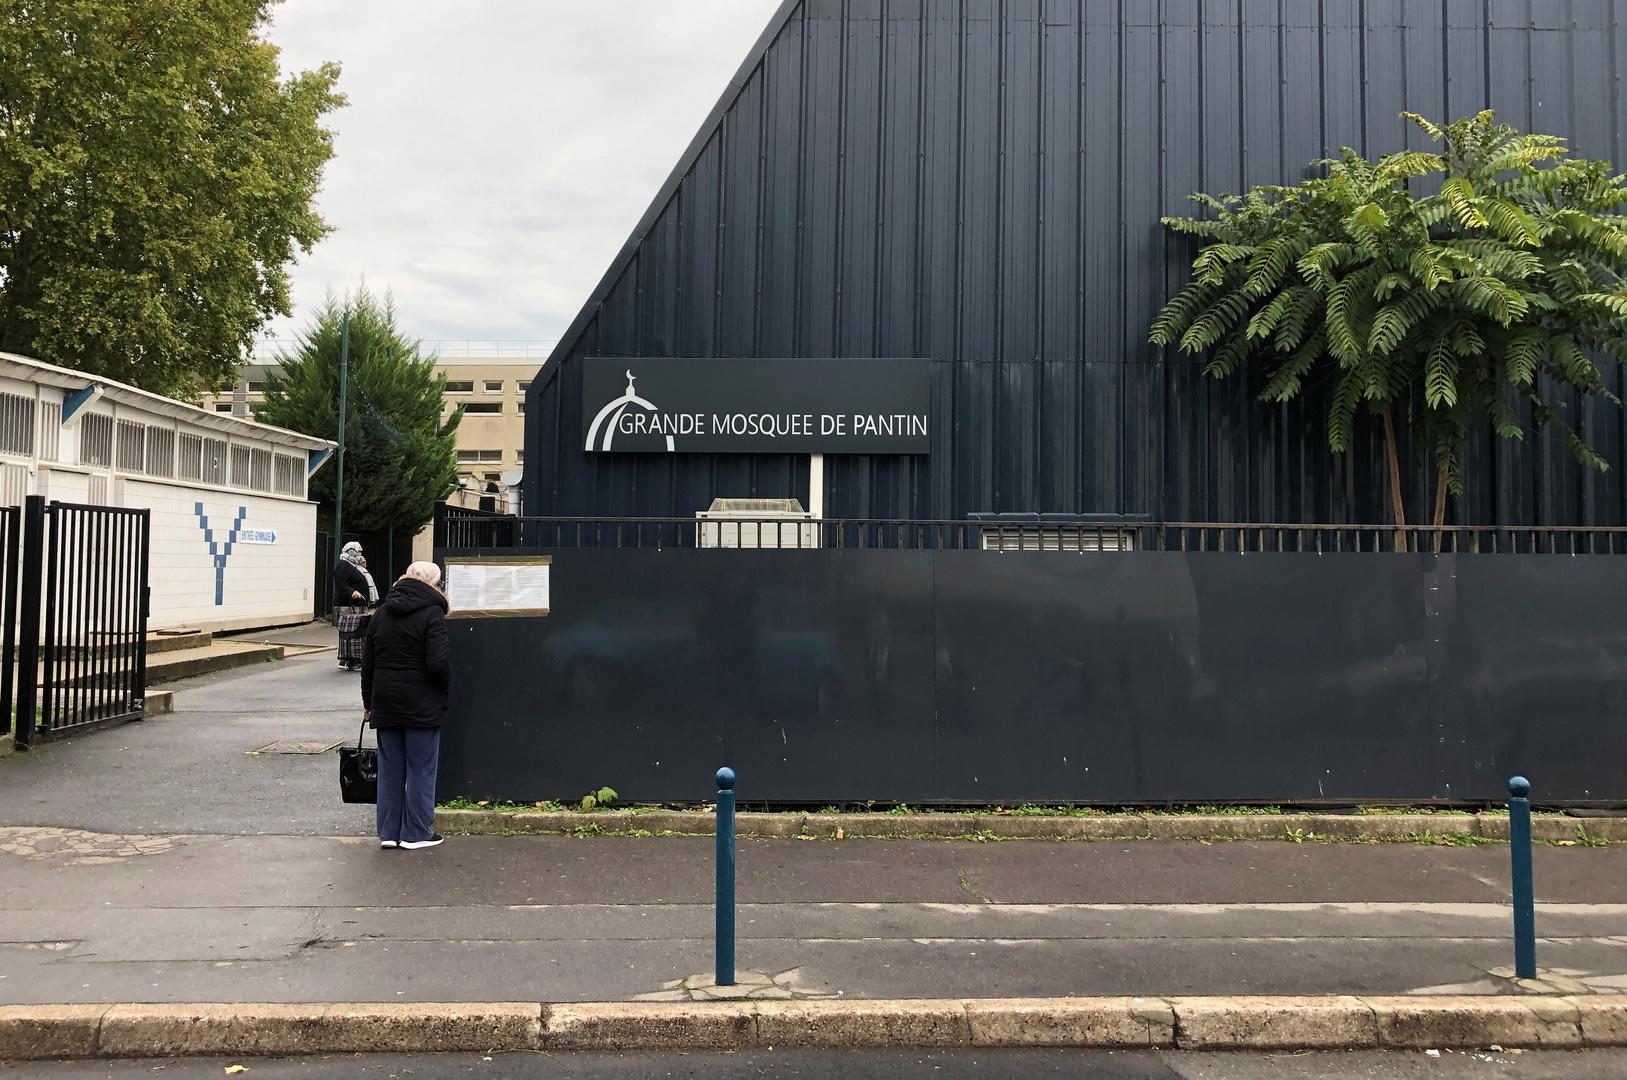 مسجد بانتان قرب باريس. تم إغلاقه في أعقاب حادثة ذبح المعلم.